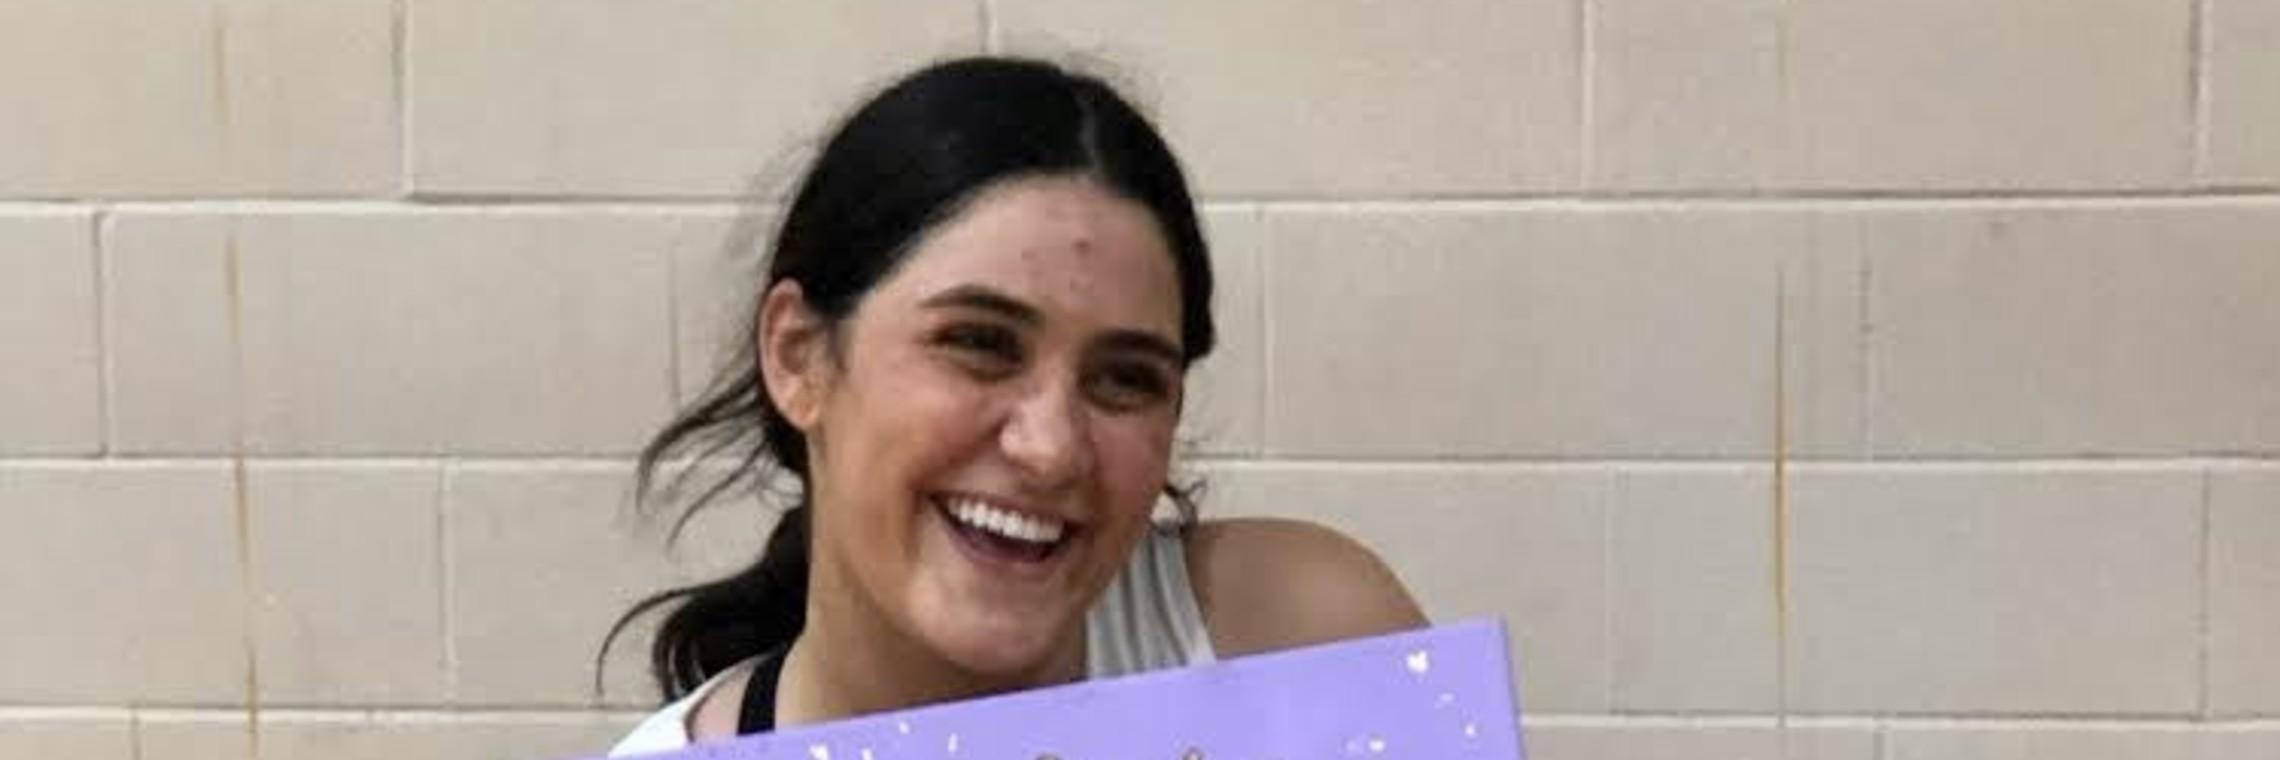 Hanna Al Baaj, Basketball II